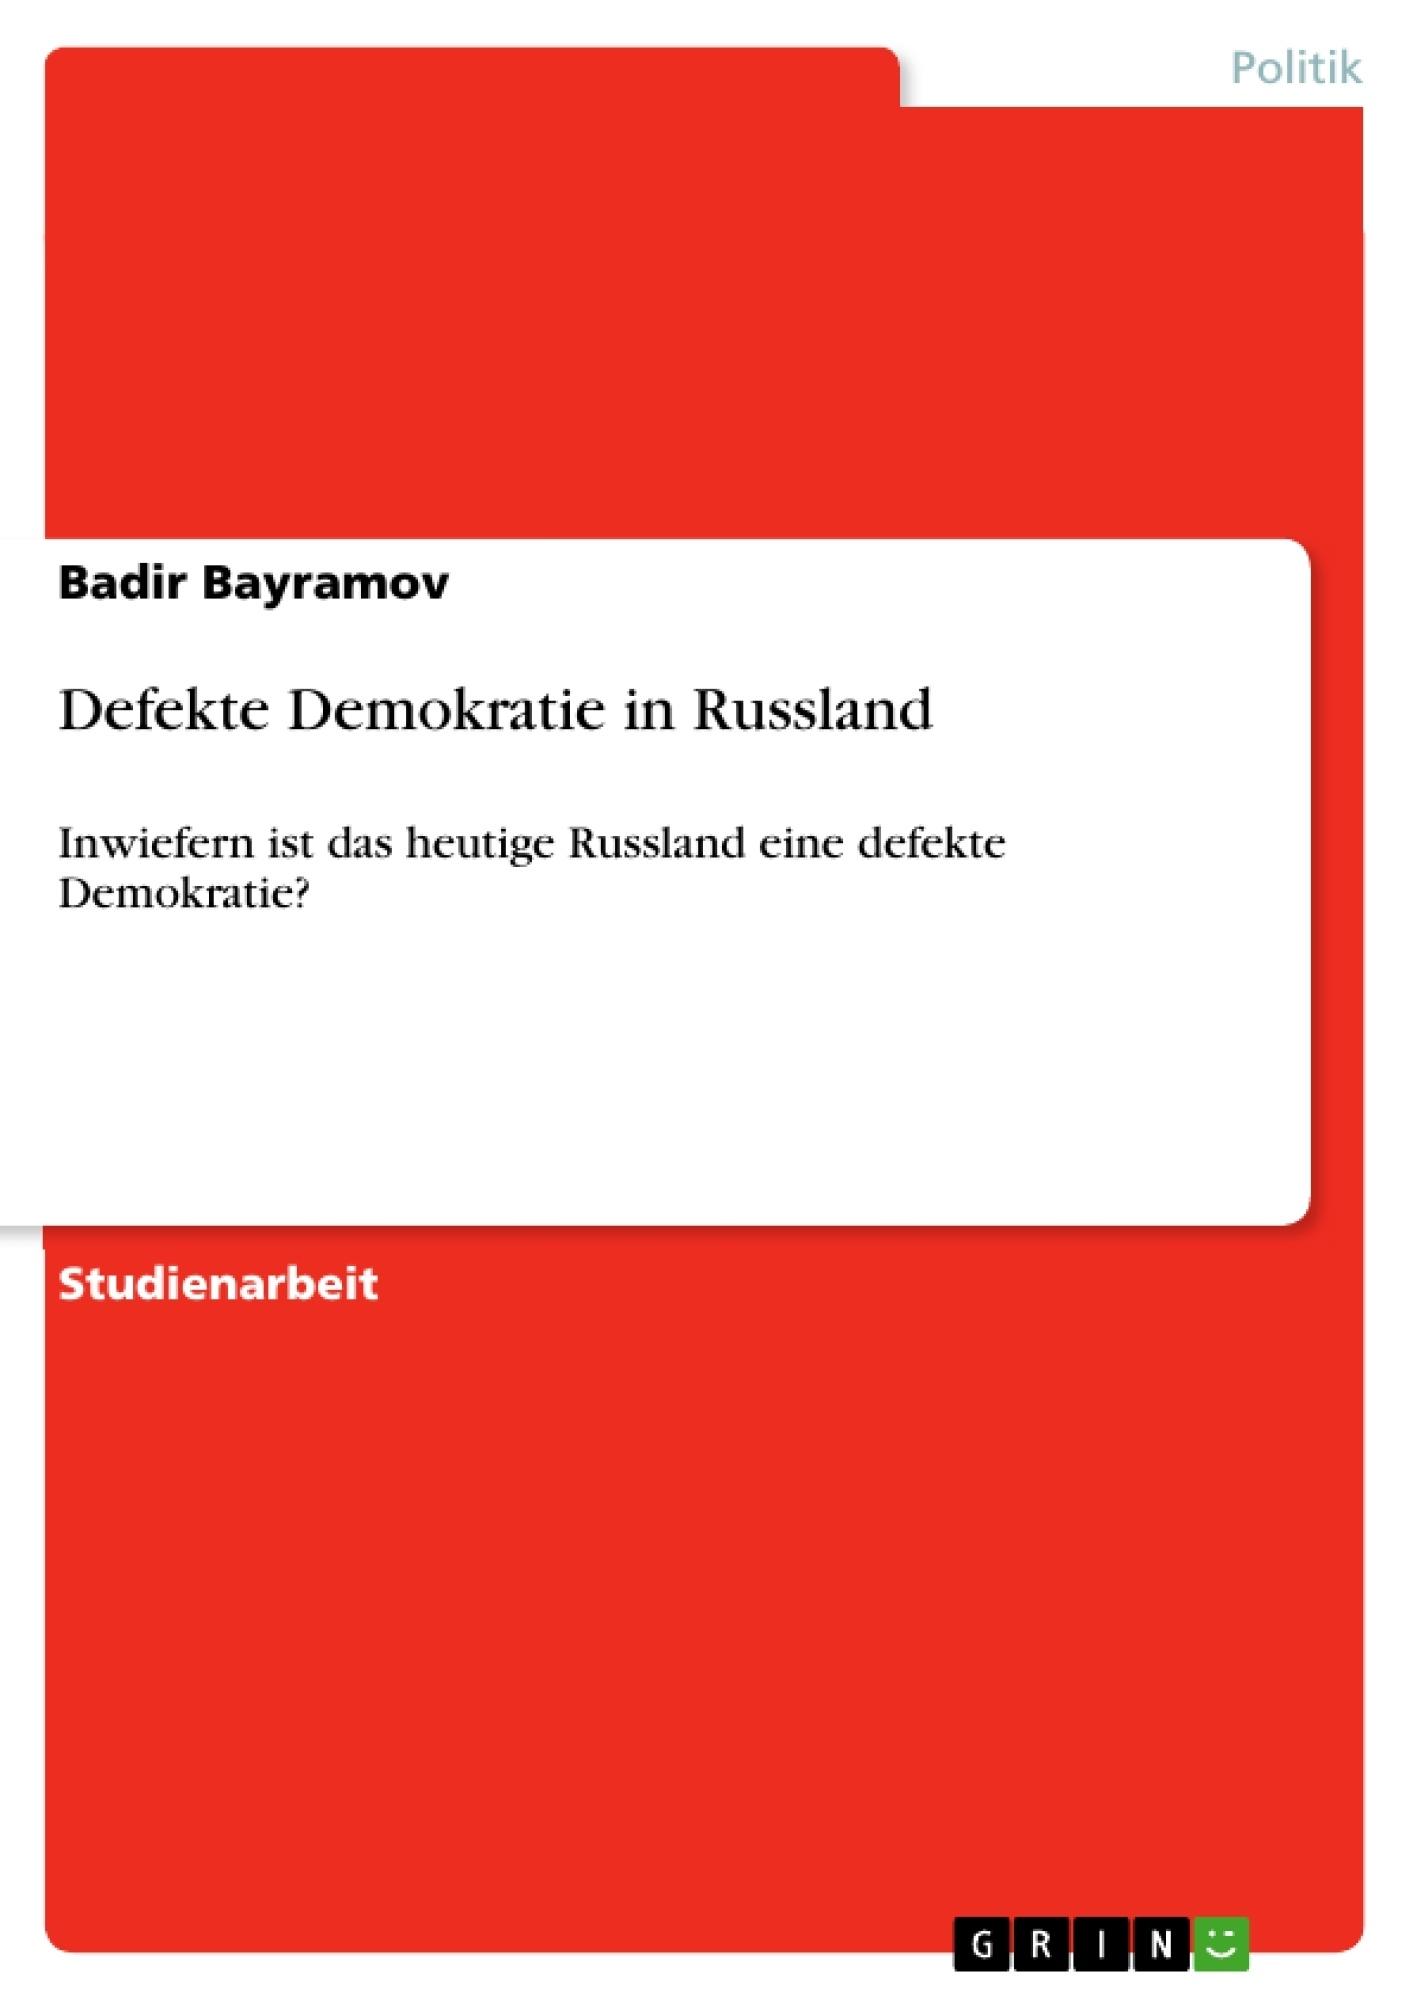 Titel: Defekte Demokratie in Russland